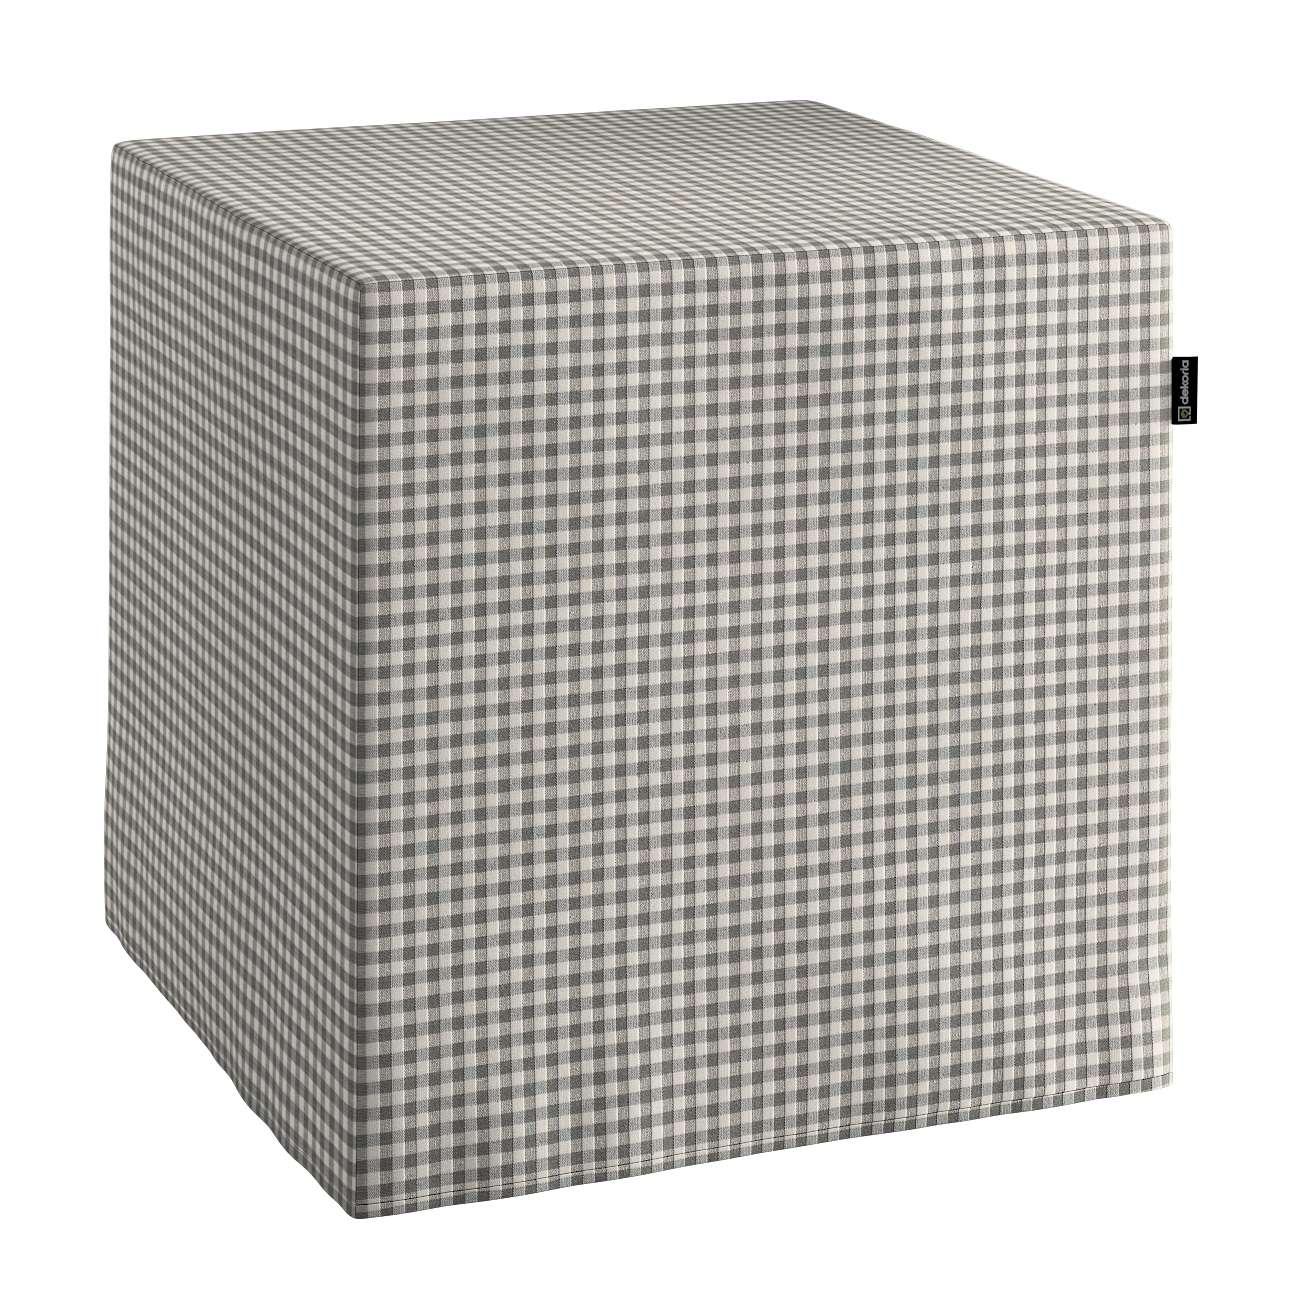 Bezug für Sitzwürfel Bezug für Sitzwürfel 40x40x40 cm von der Kollektion Quadro, Stoff: 136-10